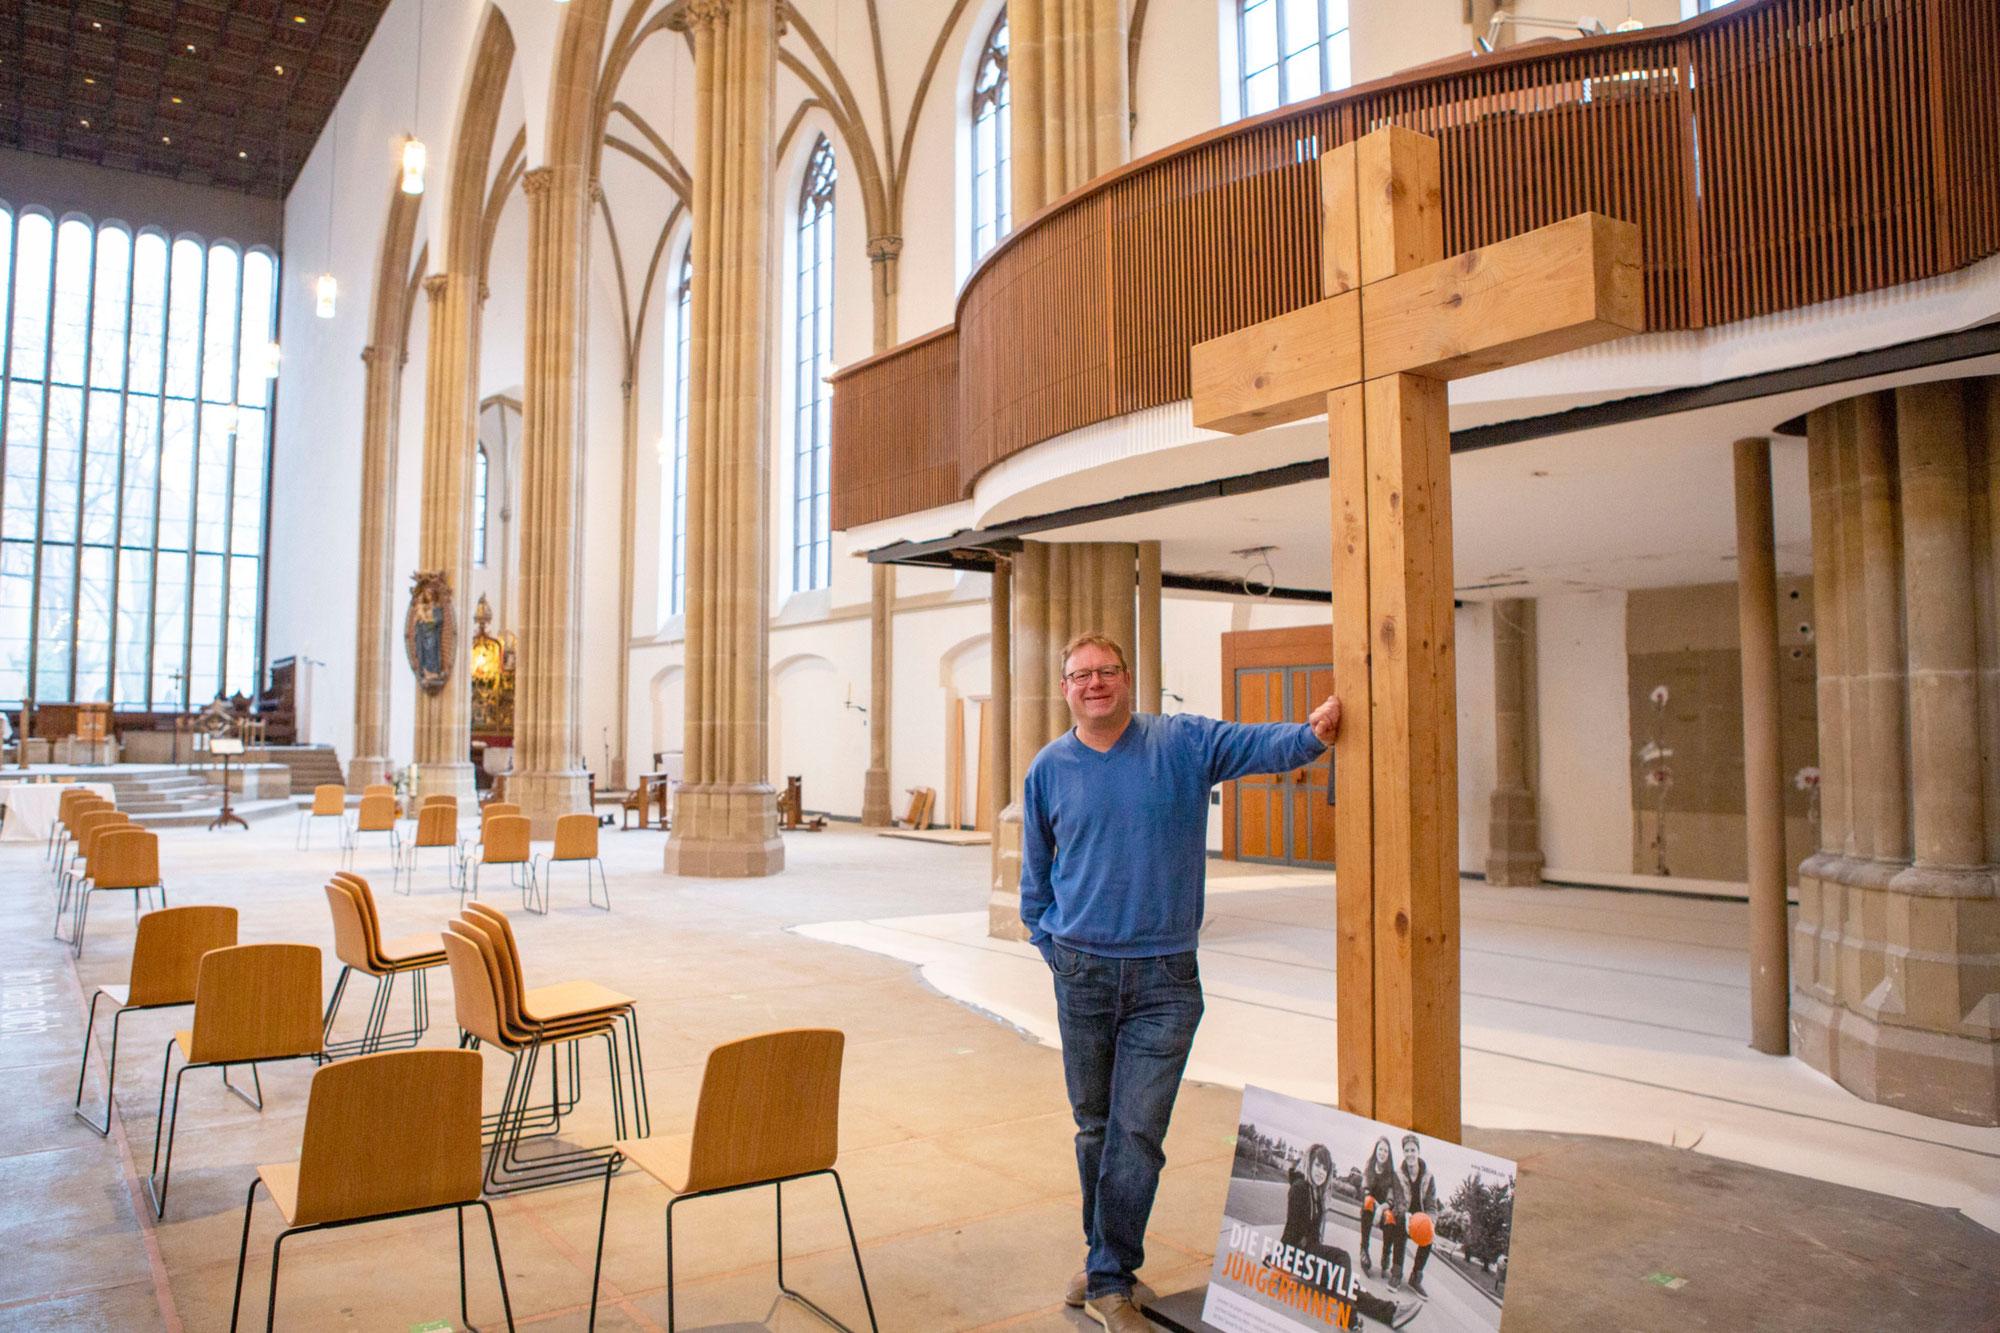 Jugendkirche Tabgha zwischen Baustelle und Online-Aktionen